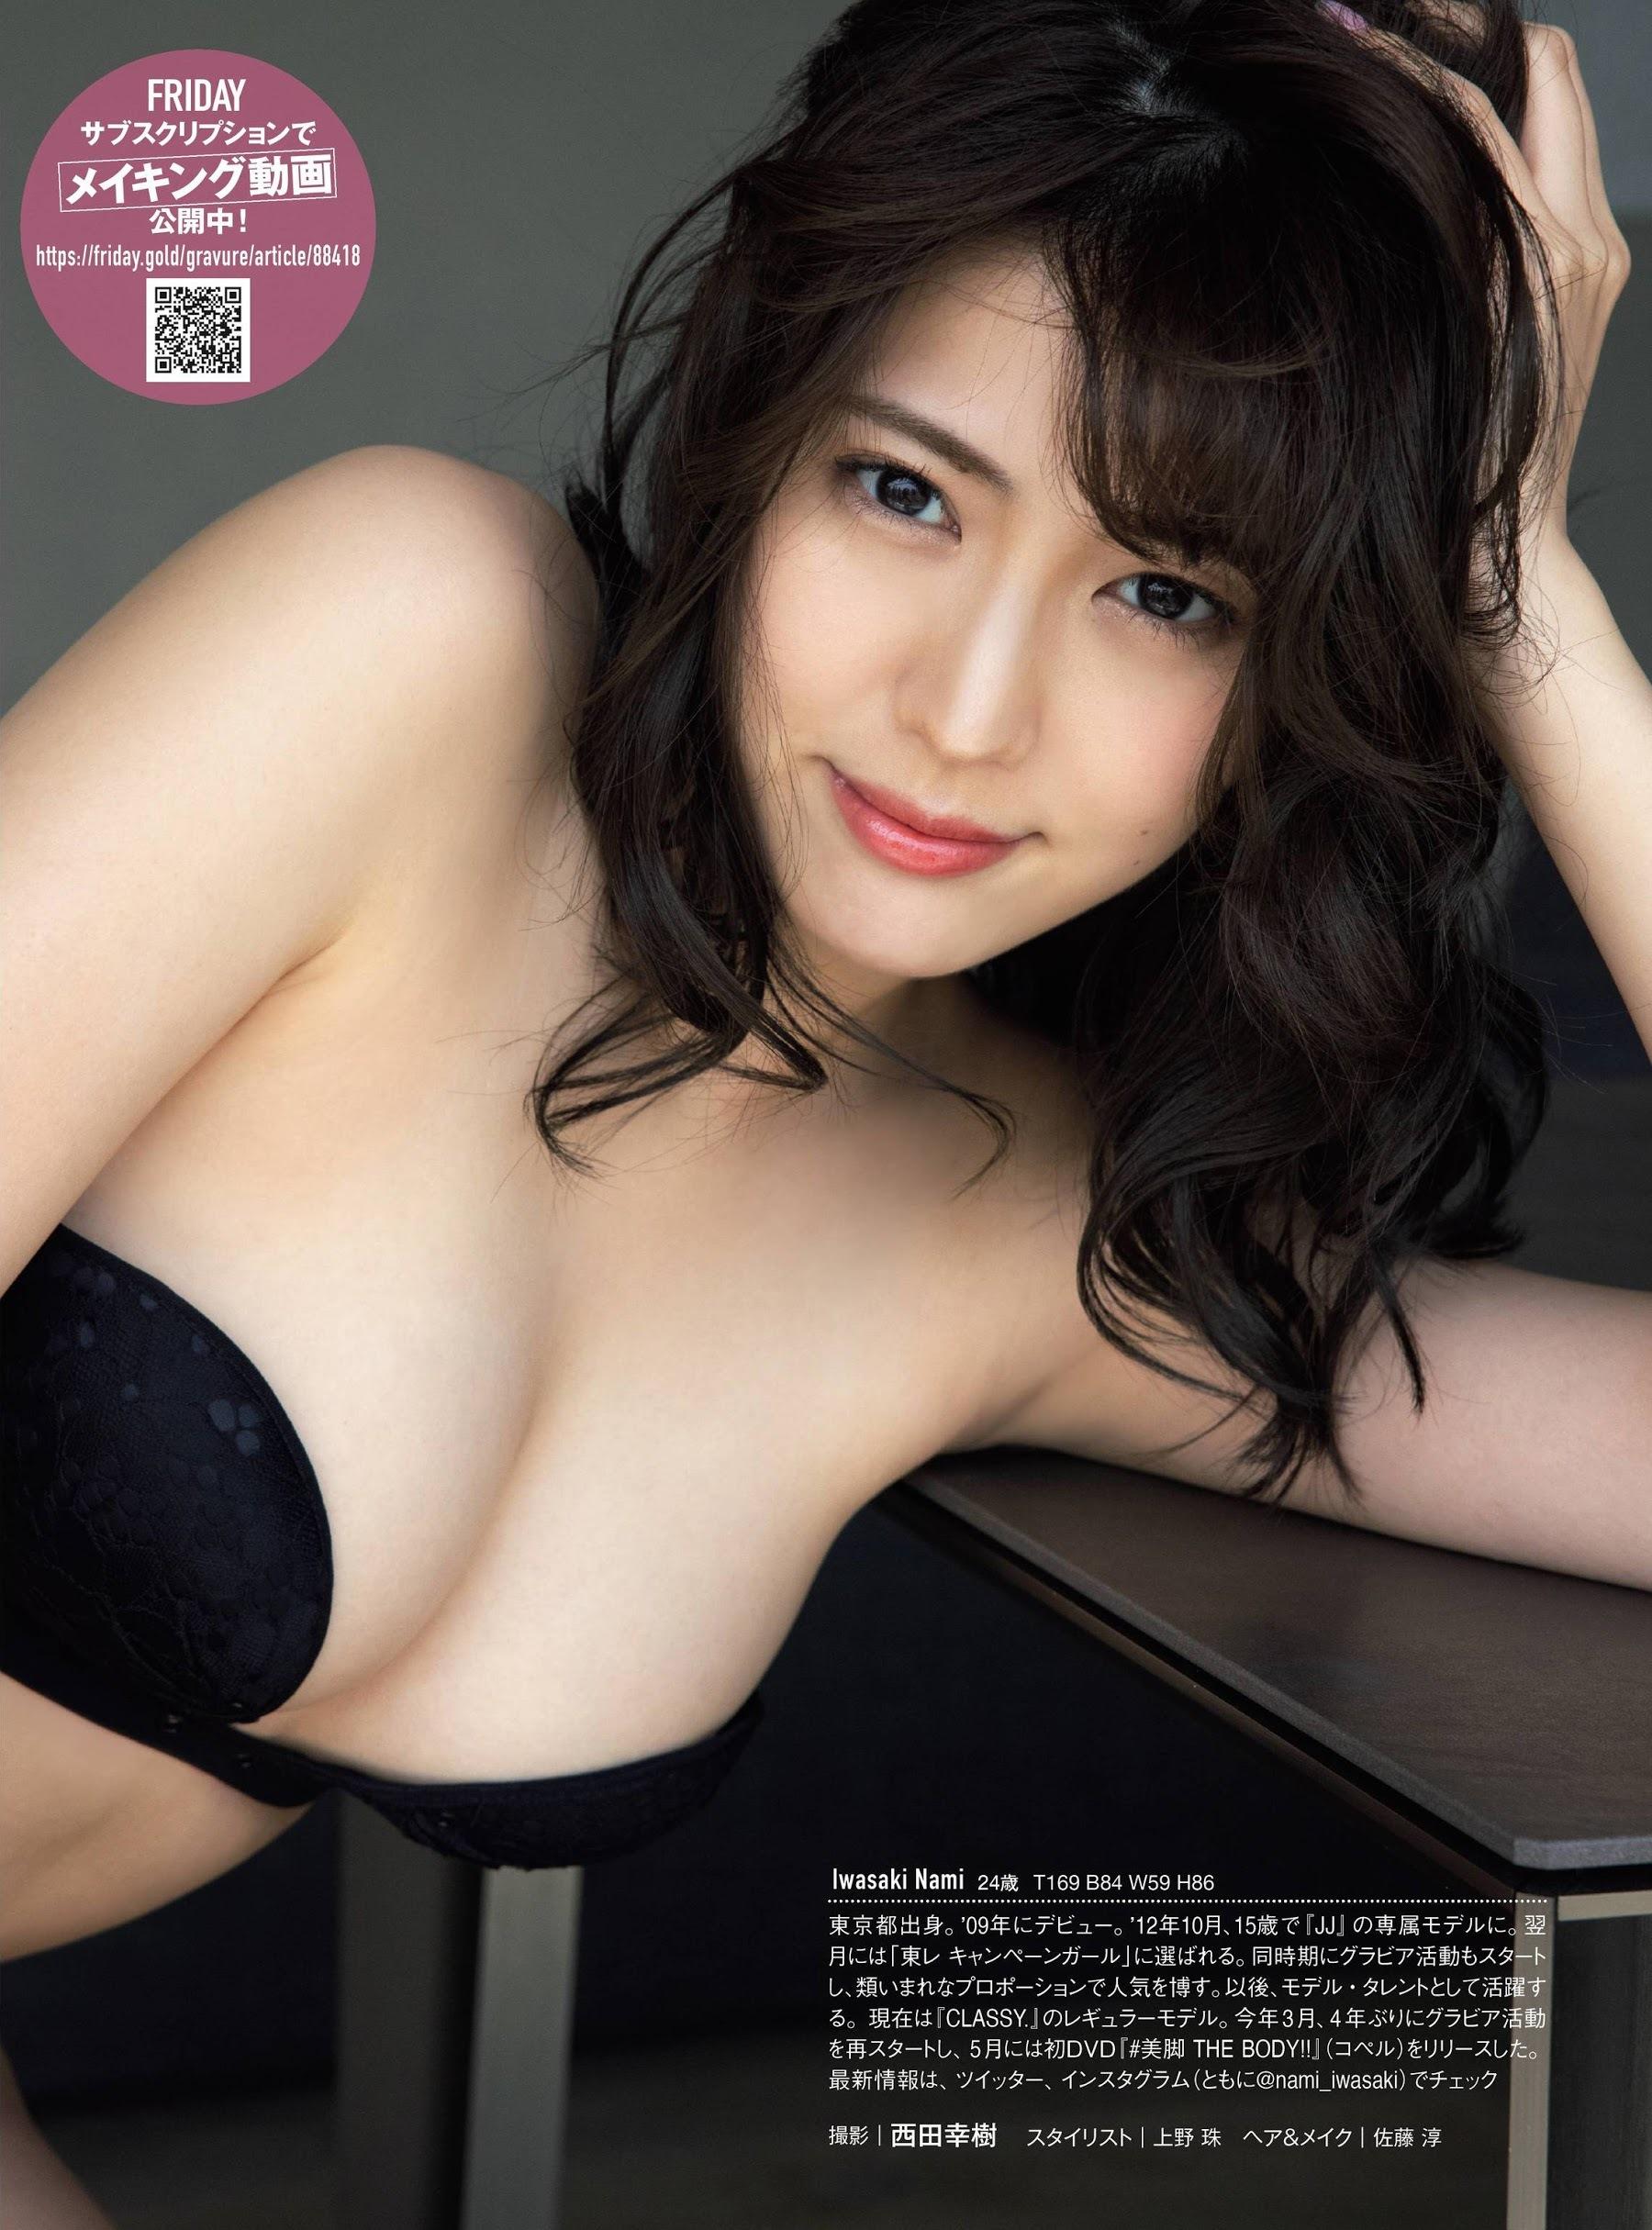 岩﨑名美23